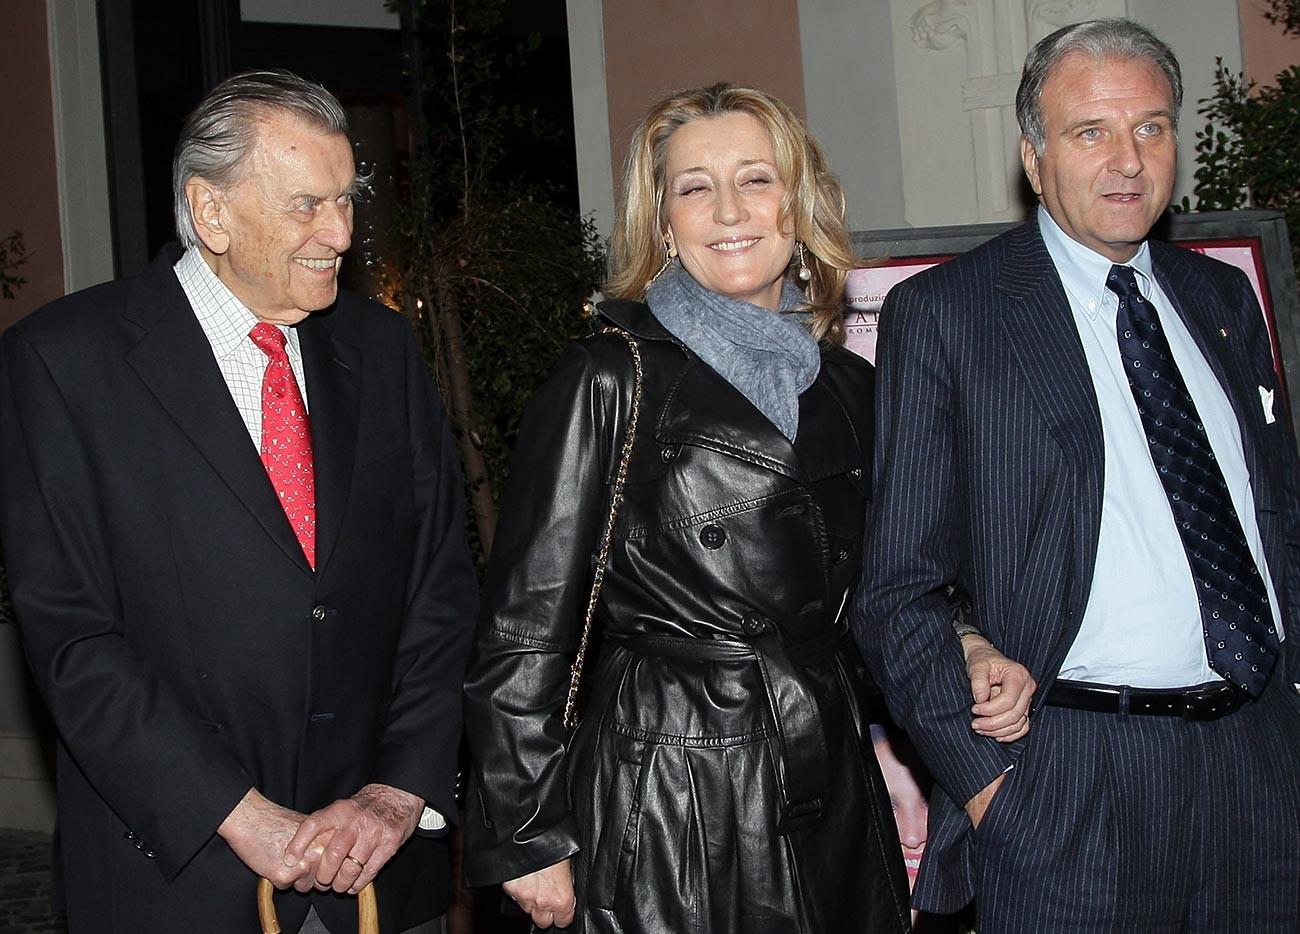 Nicola Romanoff, Natalia Romanoff e il senatore Giuseppe Consolo al teatro Ambra Jovinelli di Roma